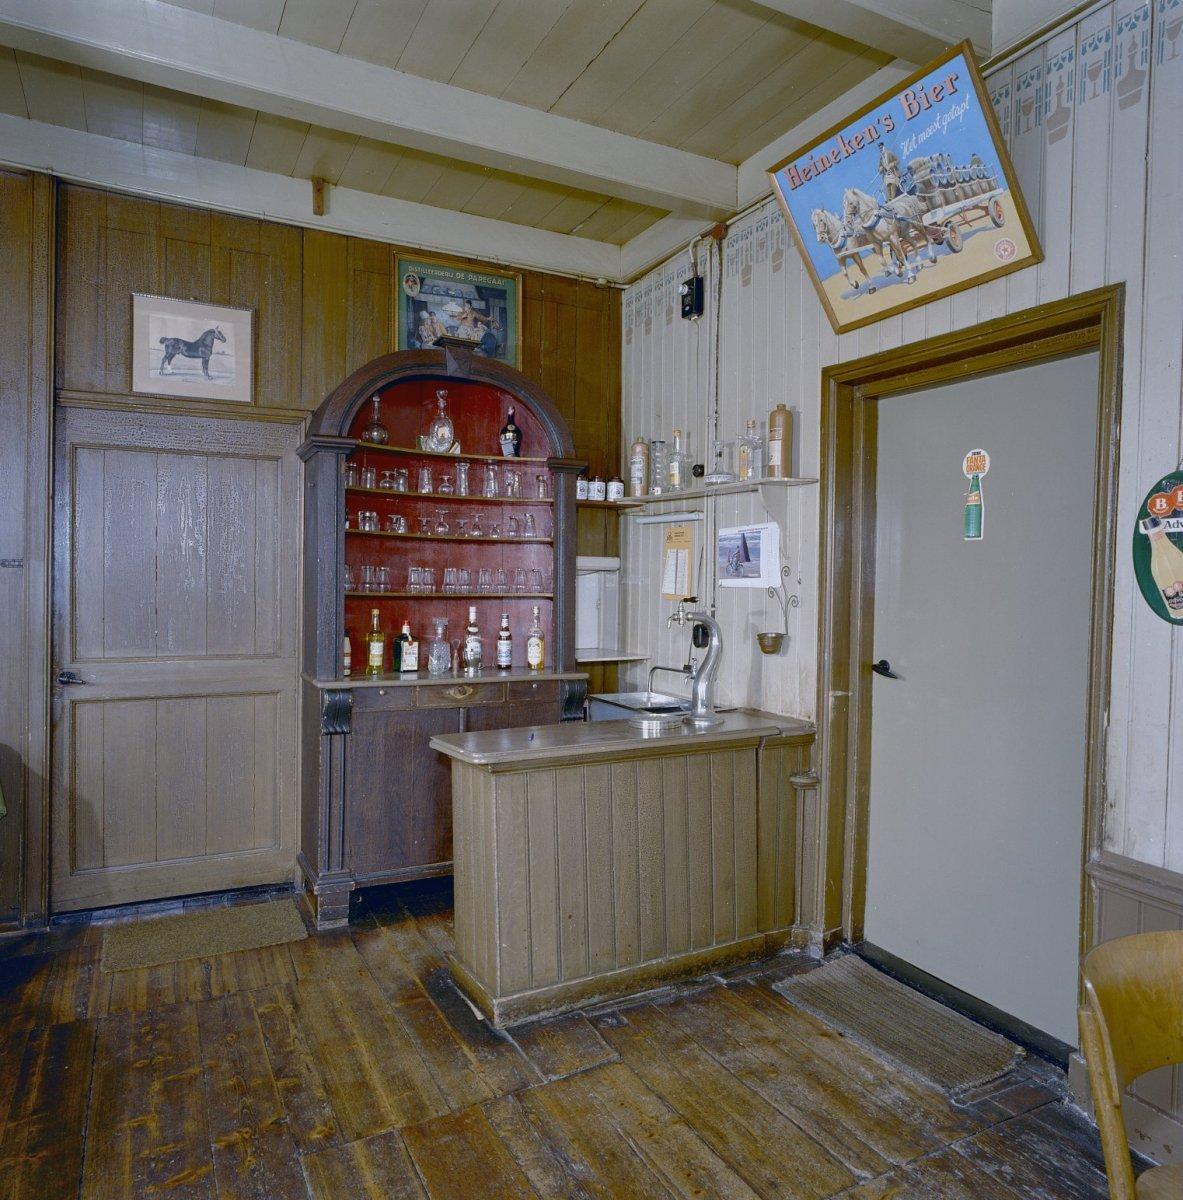 File:Interieur voormalig café, bar met tapkast - 20000041 - RCE.jpg ...